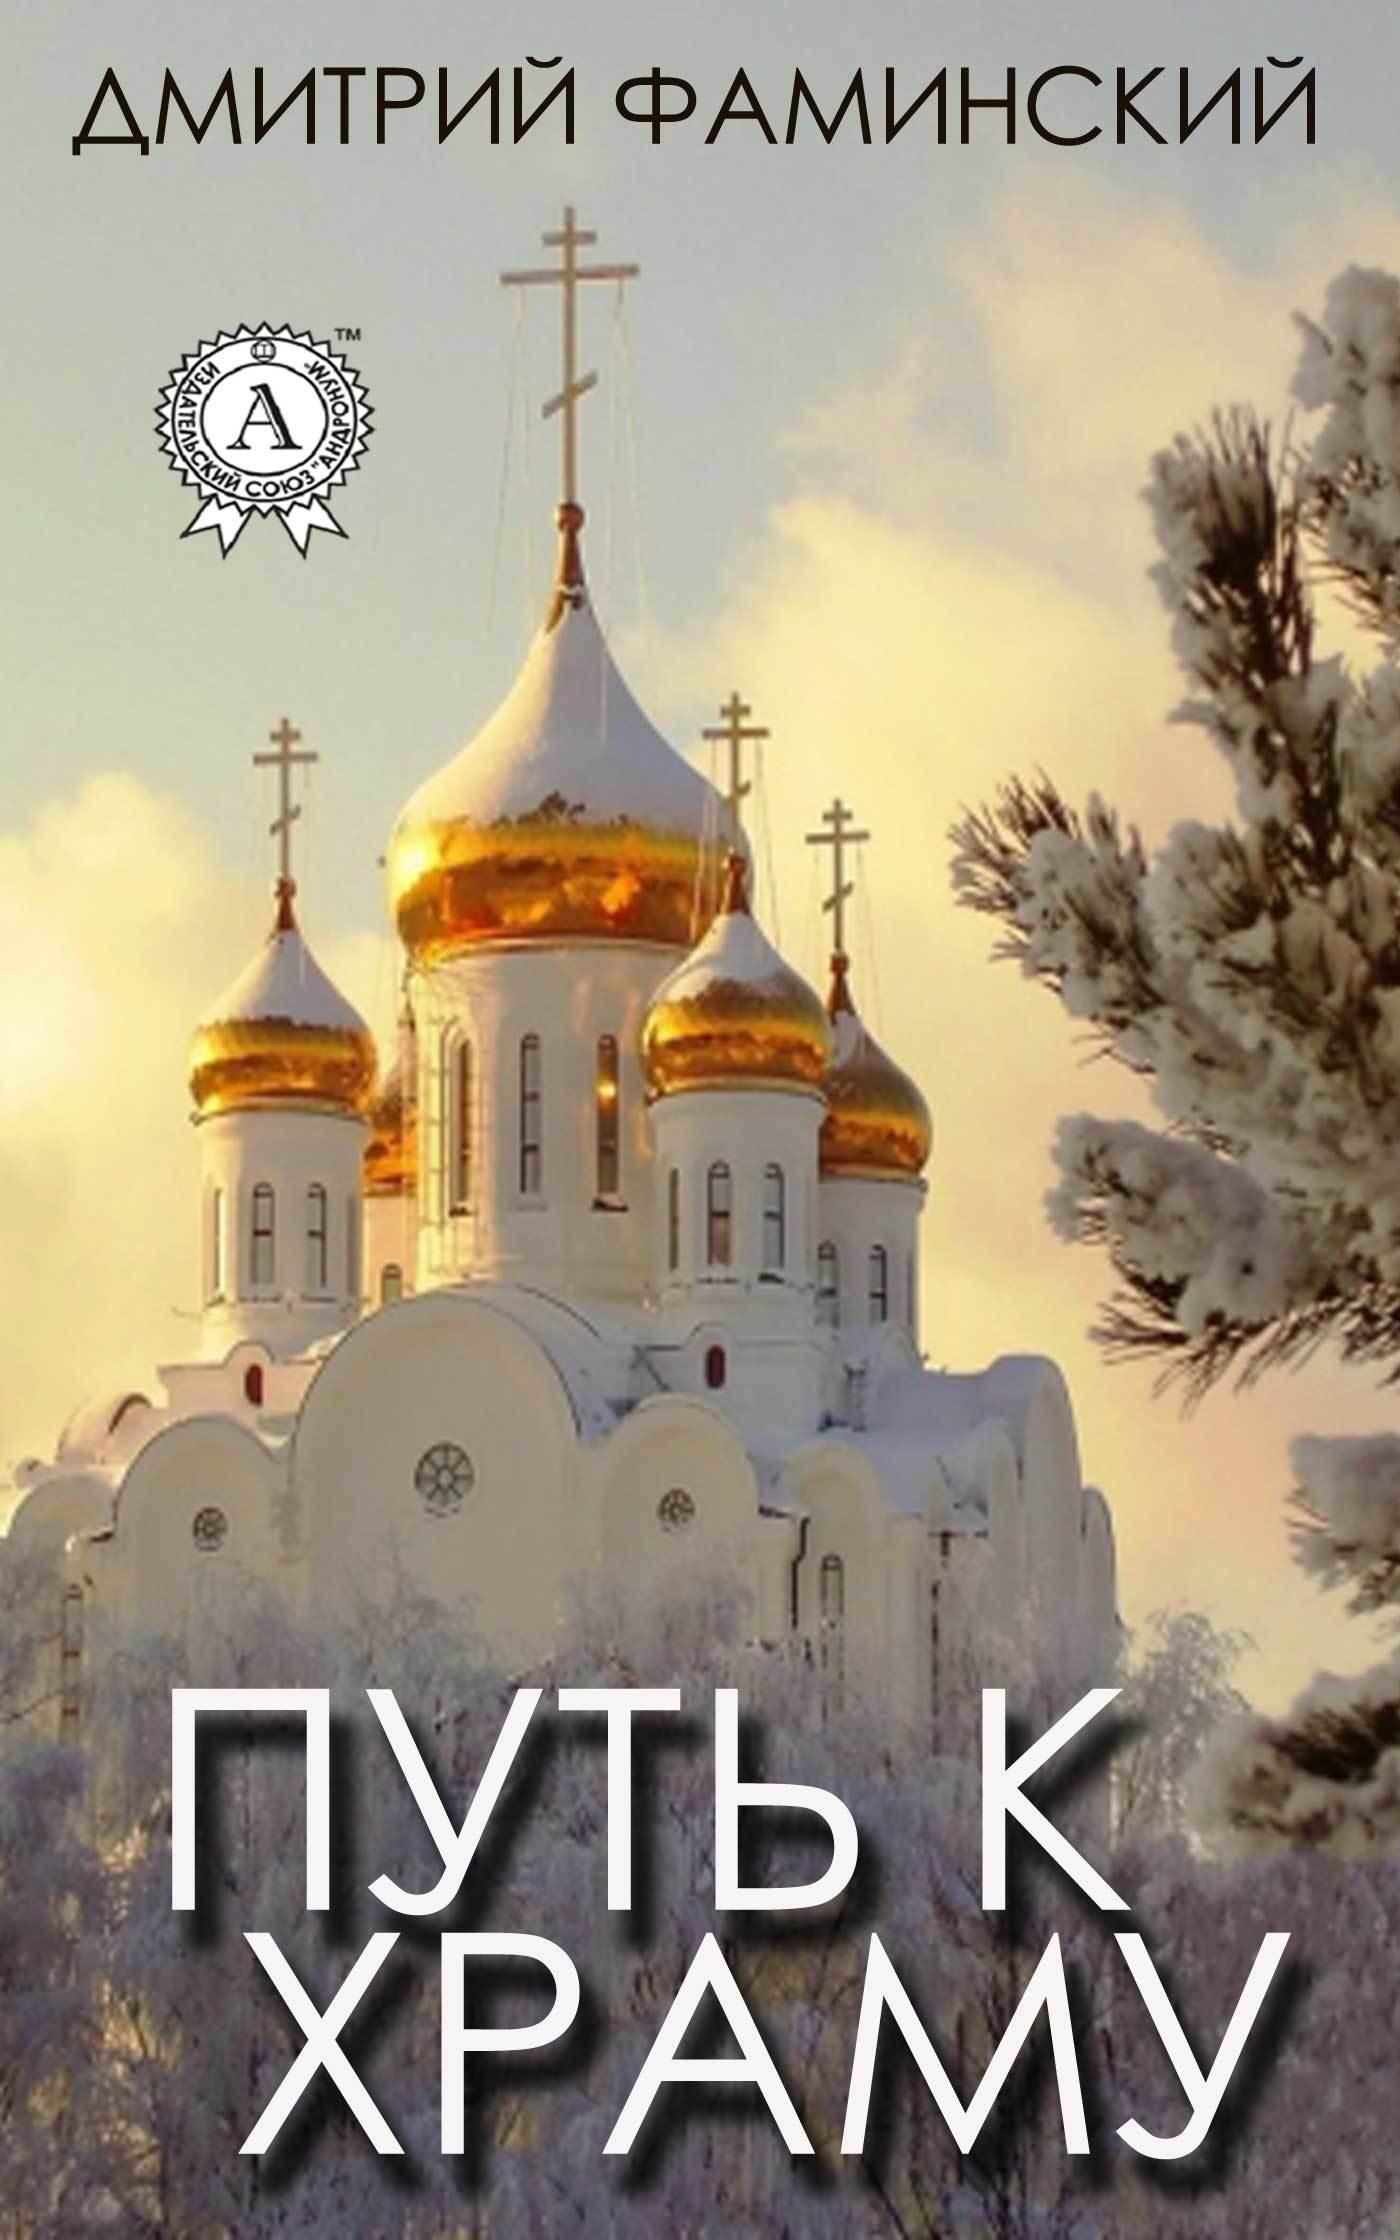 Дмитрий Фаминский Путь к храму дмитрий фаминский торговцы впечатлениями